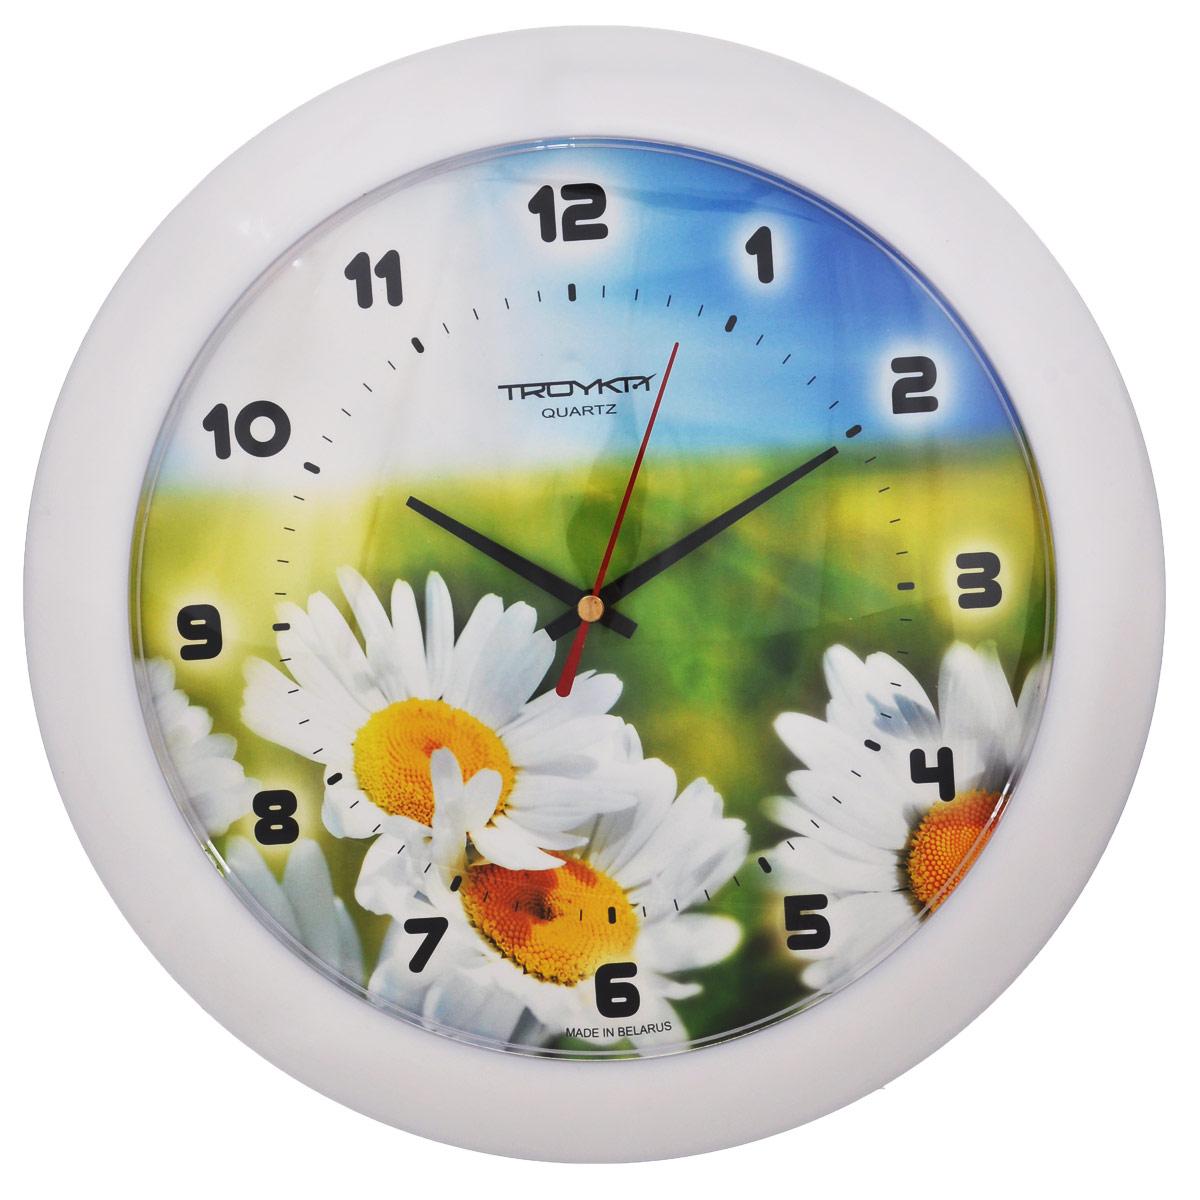 Часы настенные Troyka Полевые ромашки, цвет: белый, зеленый, голубой. 5151053251510532Настенные кварцевые часы Troyka Полевые ромашки, изготовленные из пластика, прекрасно подойдут под интерьер вашего дома. Круглые часы имеют три стрелки: часовую, минутную и секундную, циферблат украшен изображением ромашек и защищен прозрачным пластиком. Диаметр часов: 30,5 см. Часы работают от 1 батарейки типа АА напряжением 1,5 В (входит в комплект).